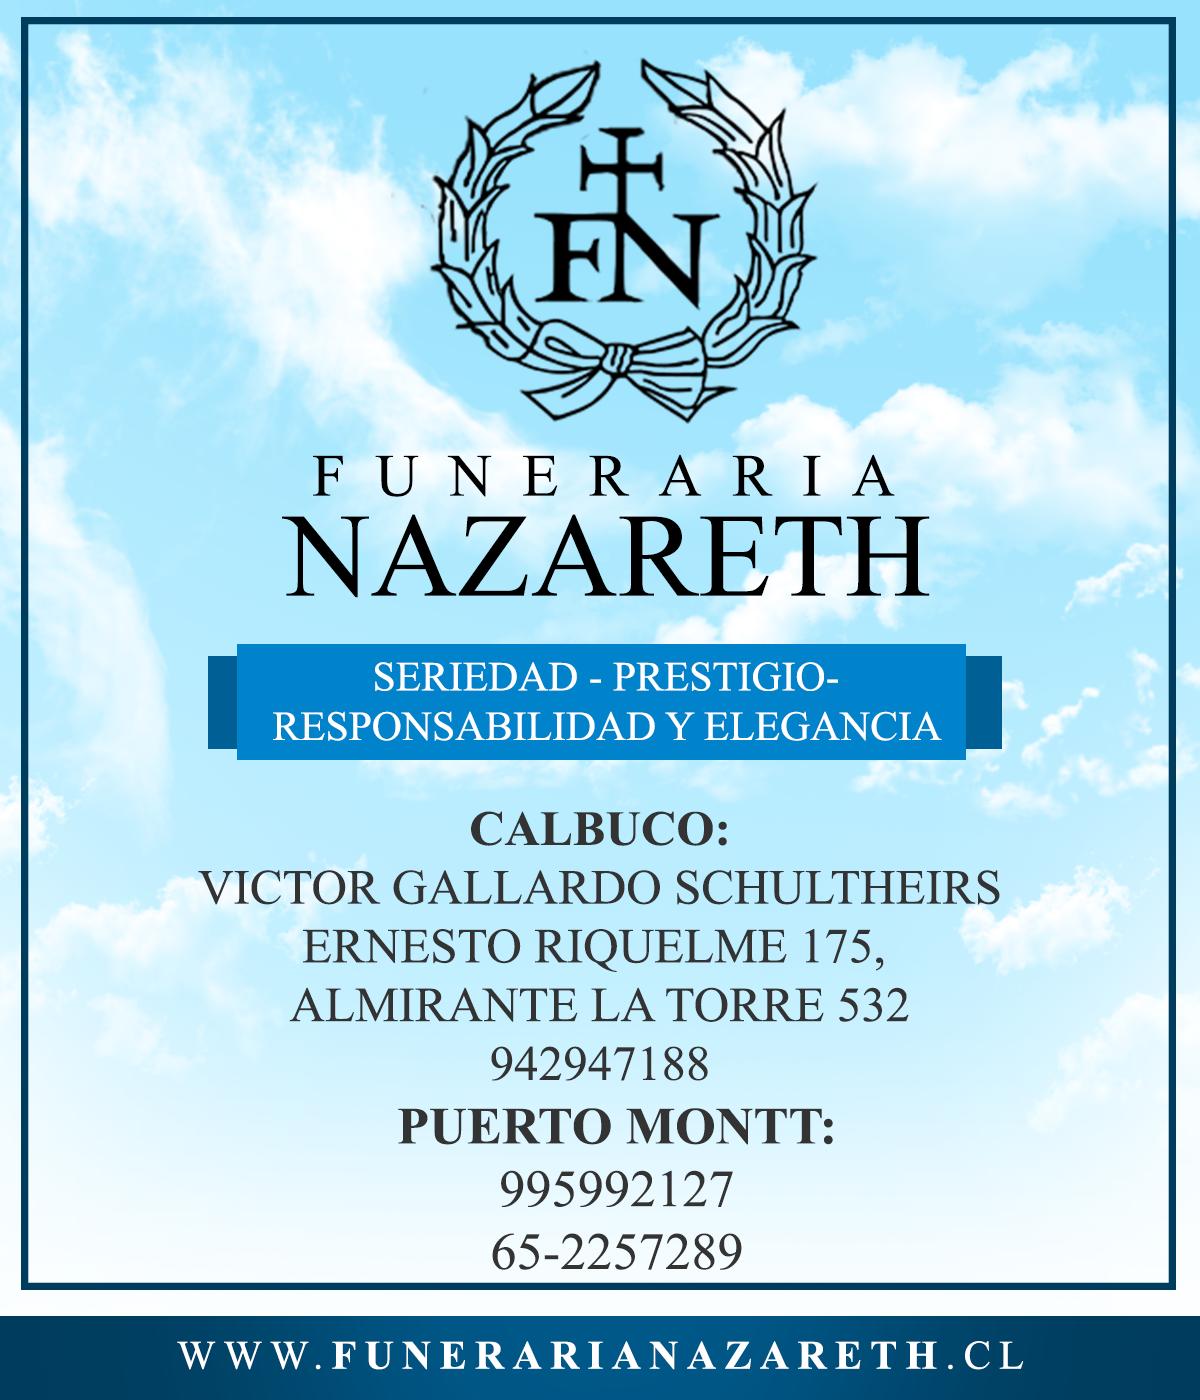 Funeraria Nazareth